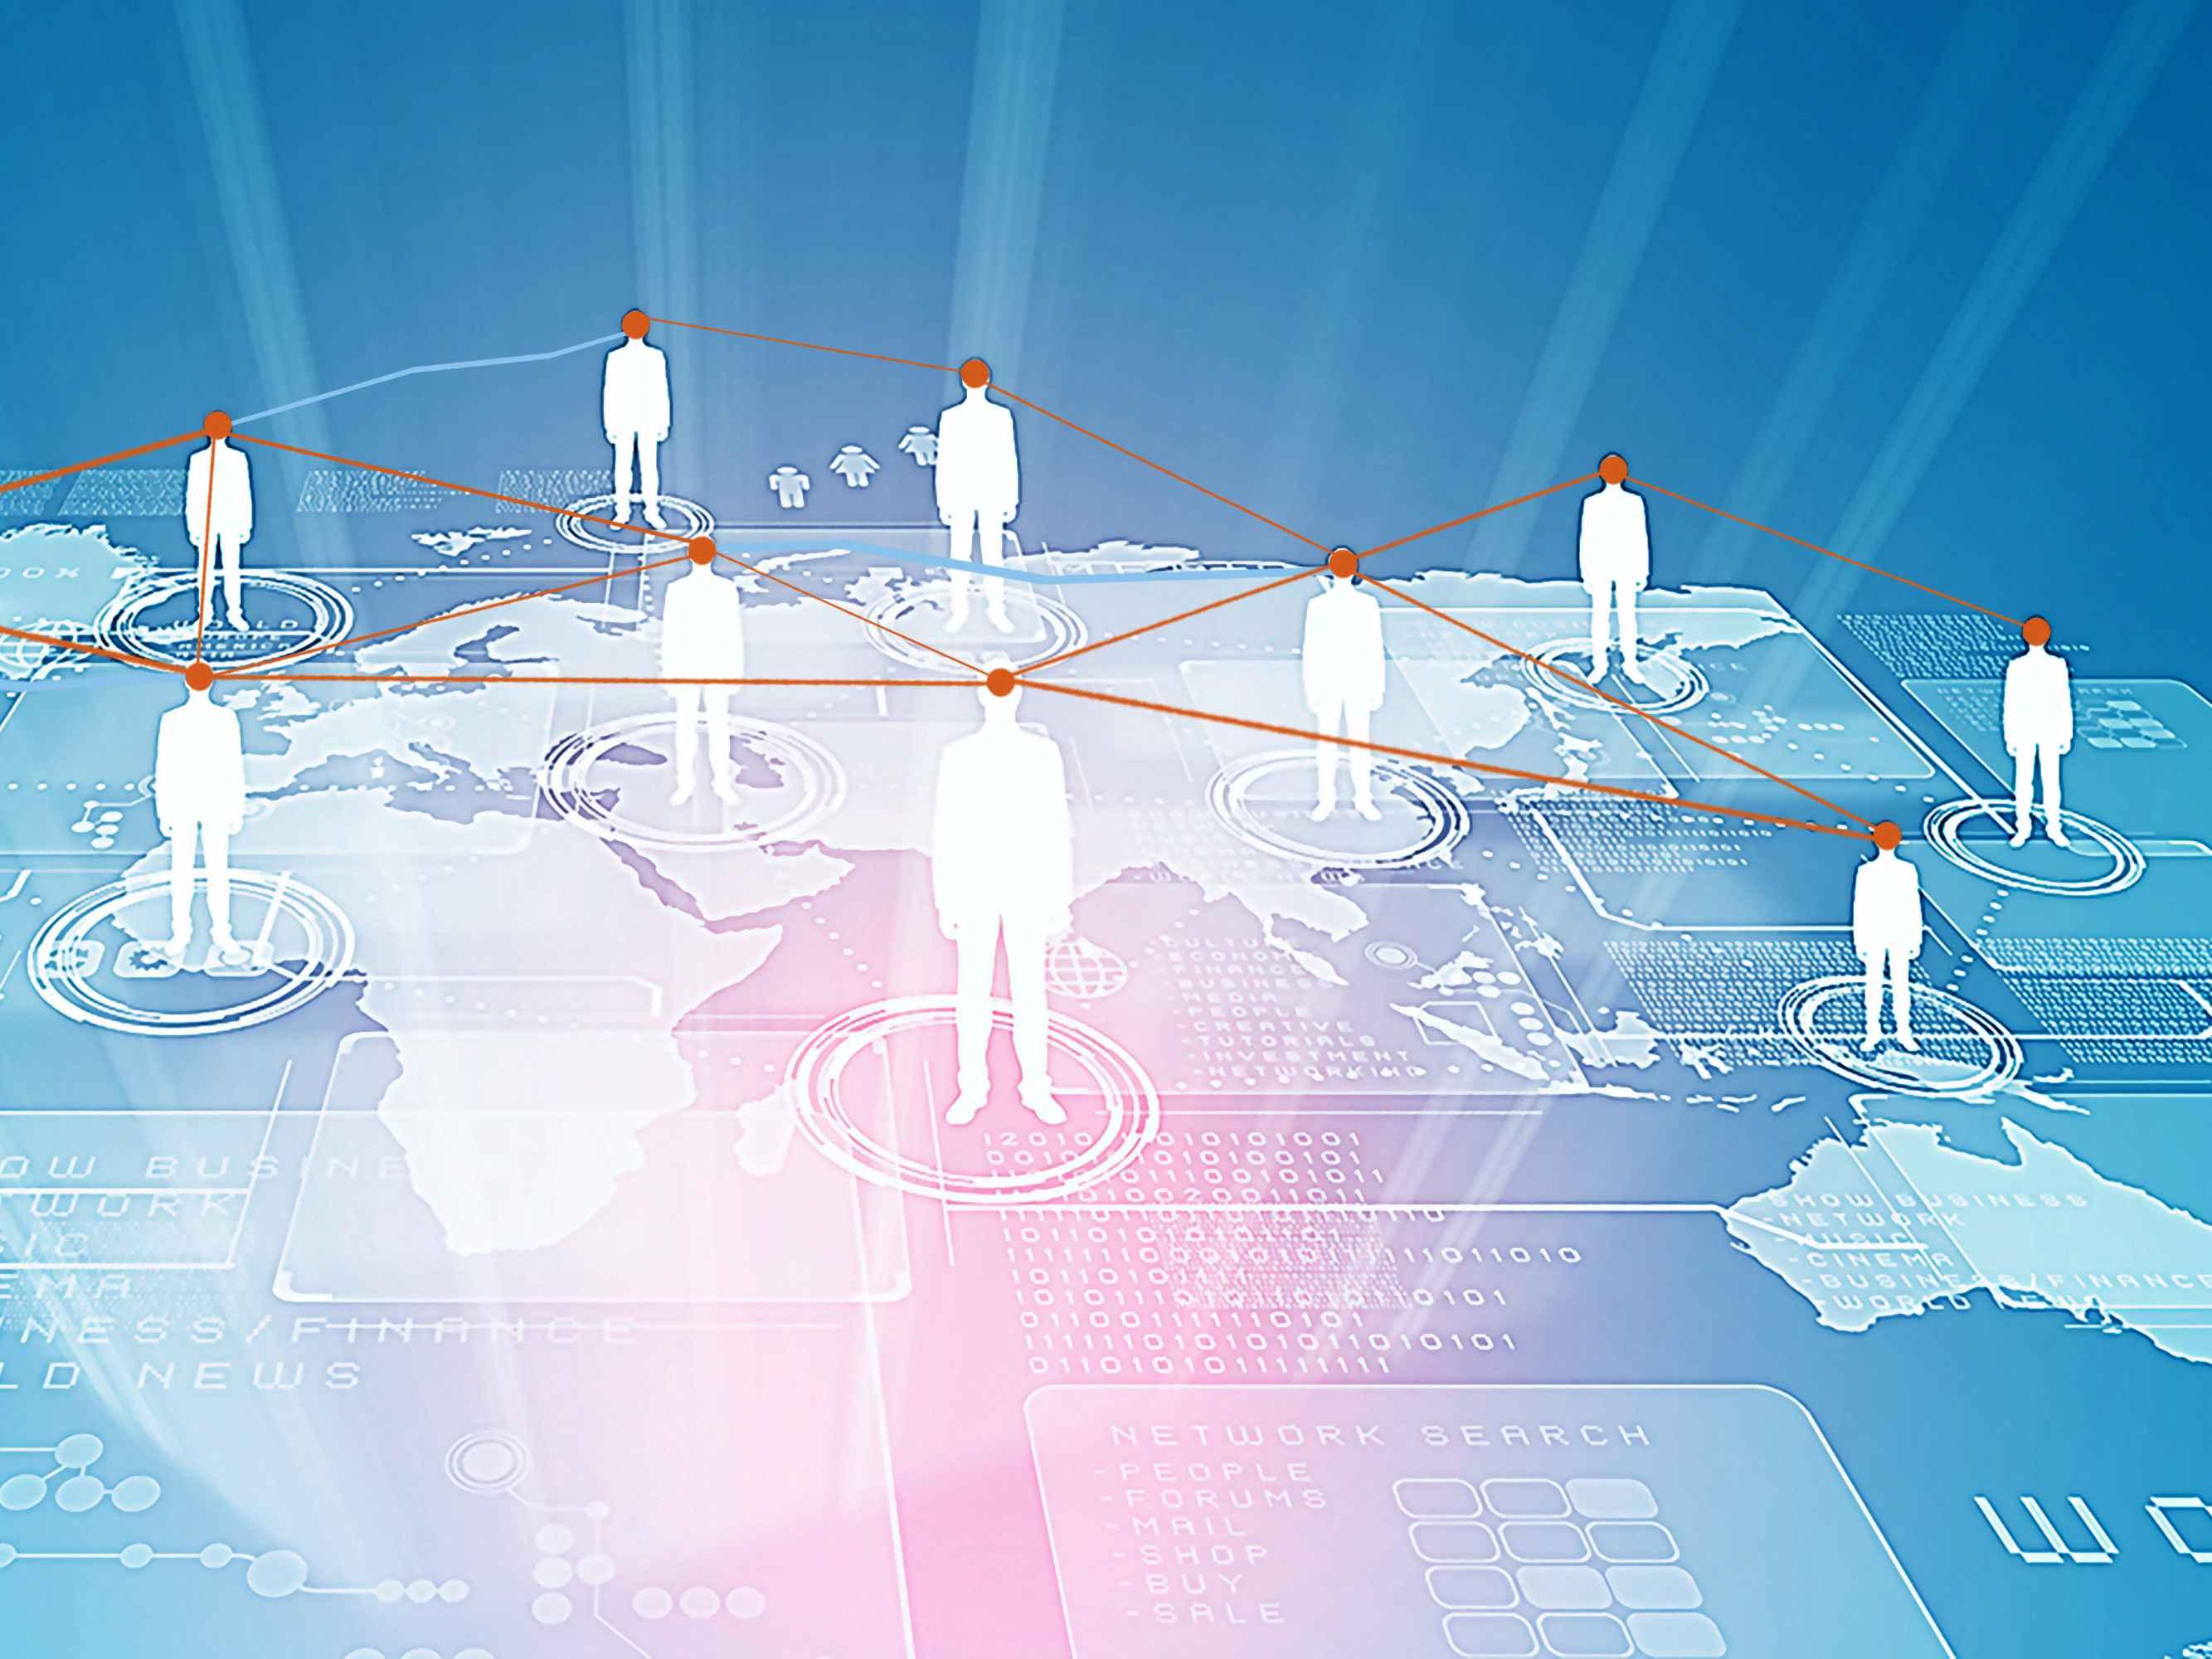 【25日14:00】许新:企业转型与创新的平台化战略及实战